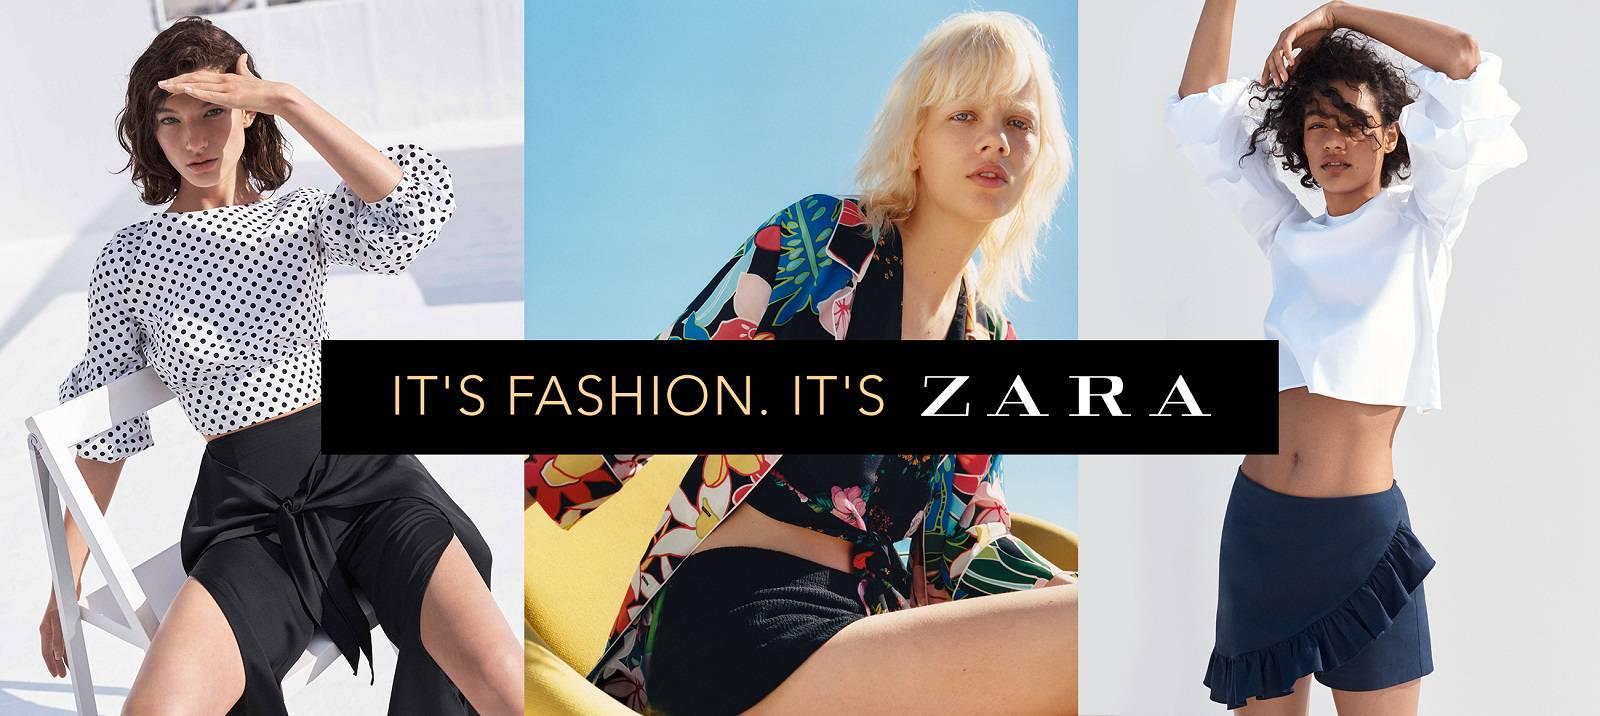 Zaljubite se u shopping u novoj Zari uz nove kolekcije